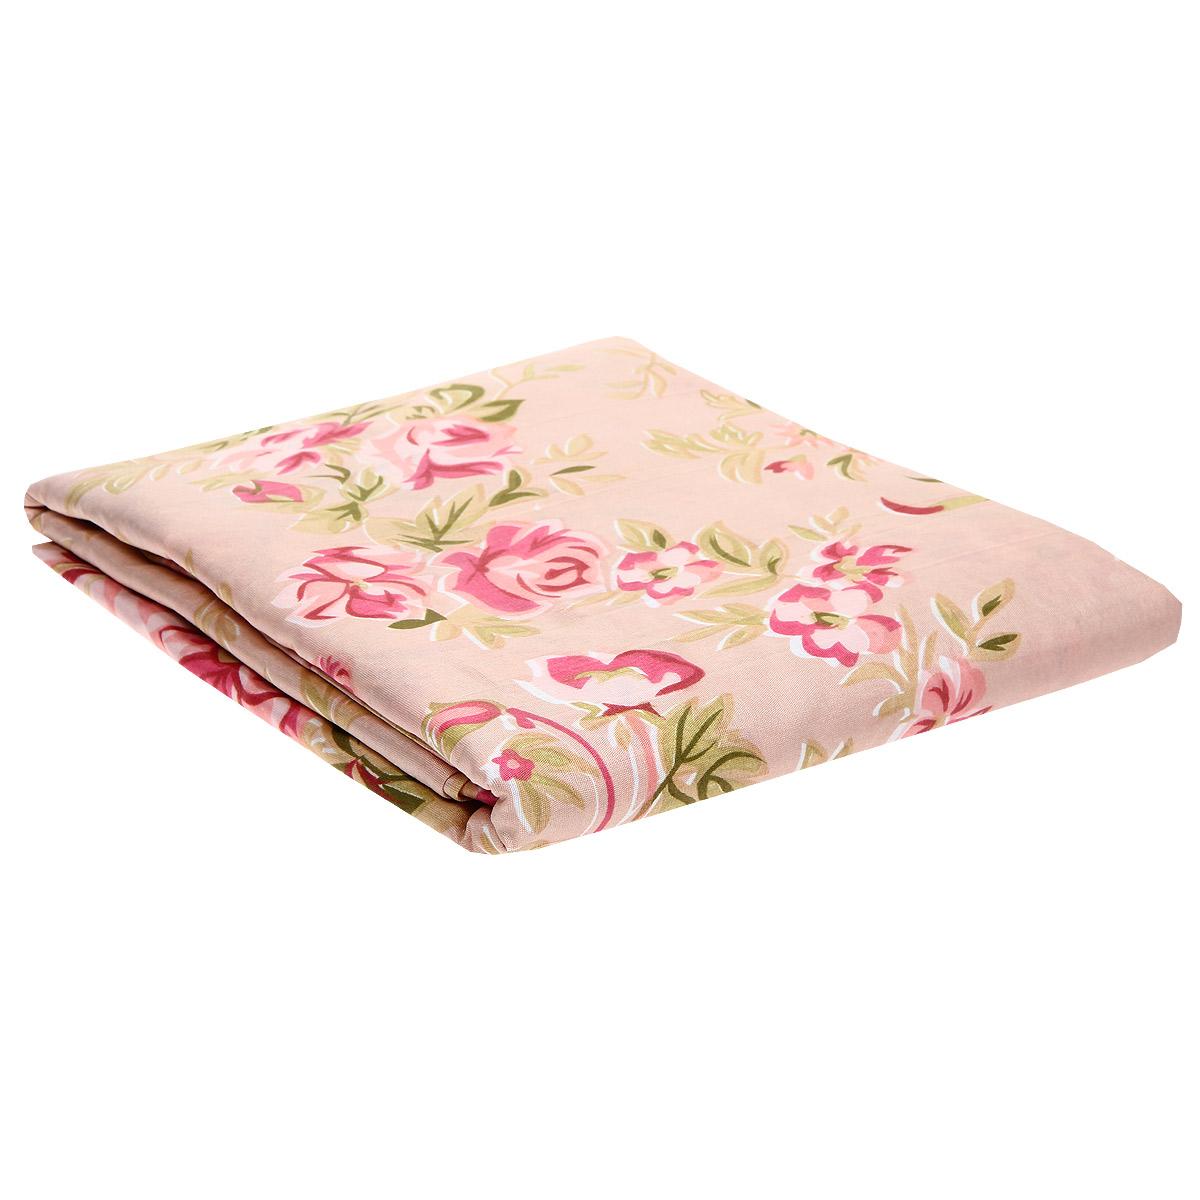 Комплект белья P&W Ноты счастья, 2-спальный, наволочки 70х70, цвет: розовый, зеленый391602Комплект постельного белья P&W Ноты счастья состоит из пододеяльника, простыни и двух наволочек. Предметы комплекта выполнены из микрофибры (100 % полиэстера) и украшены изящным рисунком в виде бабочек. Рекомендации по уходу: - Гладить при средней температуре (до 130°С). - Стирка в теплой воде (температура до 30°С). - Нельзя отбеливать. При стирке не использовать средства, содержащие отбеливатели (хлор). - Можно отжимать и сушить в стиральной машине.Уважаемые клиенты! Обращаем ваше внимание на цвет изделия. Цветовой вариант комплекта, данного в интерьере, служит для визуального восприятия товара. Цветовая гамма данного комплекта представлена на отдельном изображении фрагментом ткани.